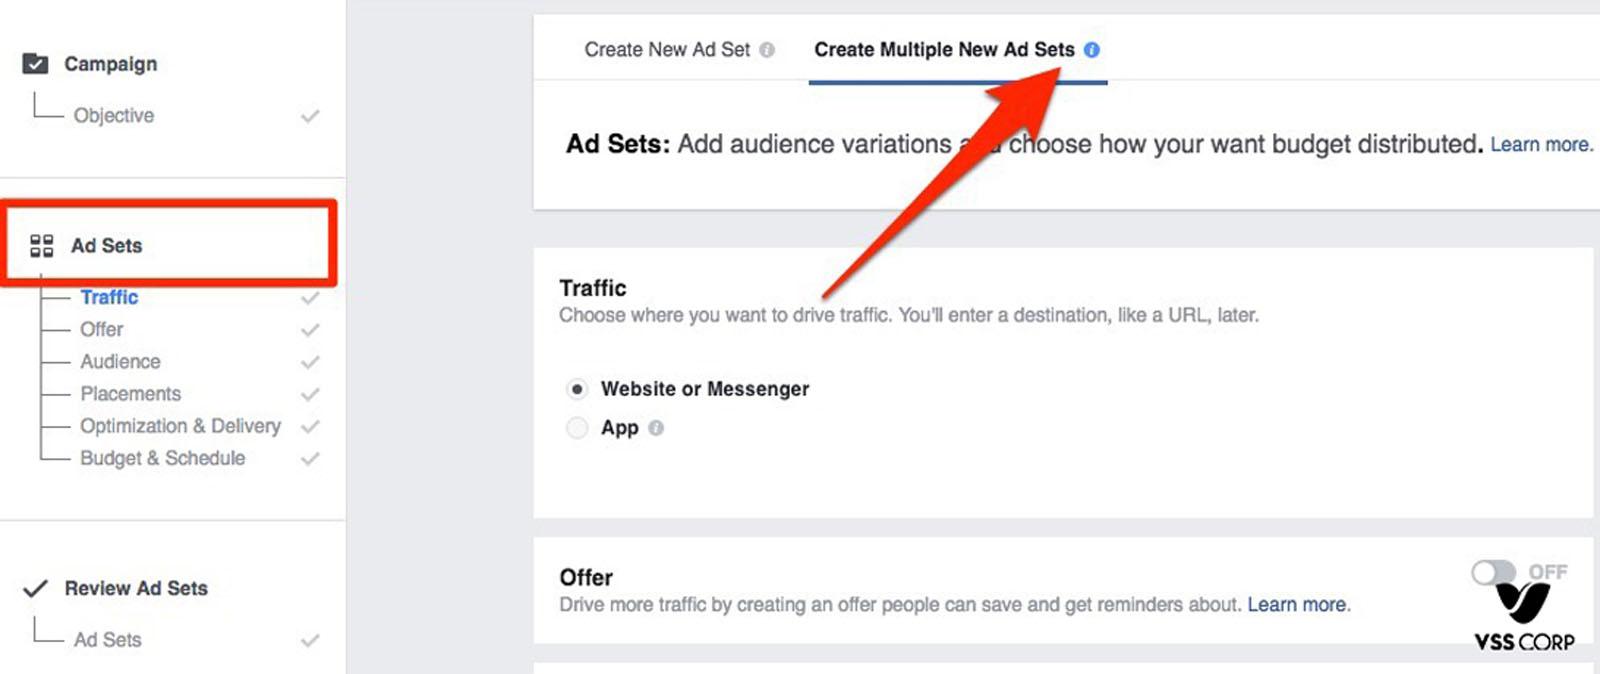 Tạo một Ad set mới hoặc chọn Ad set cũ mà bạn muốn chỉnh sửa.